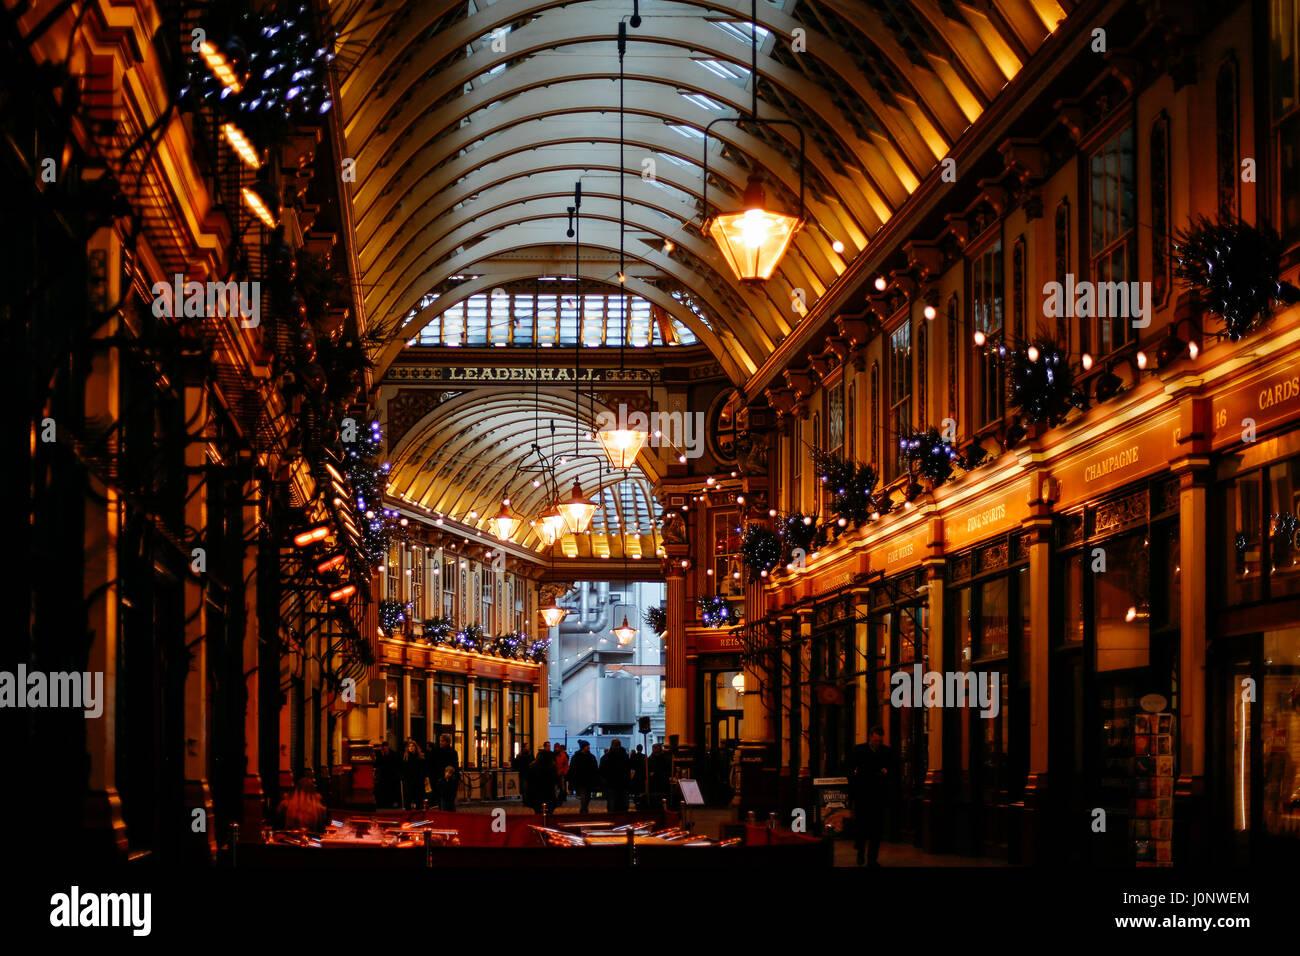 Passage und Shops im Leadenhall Market, beliebten Markt in London, das im 19. Jahrhundert gebaut wurde. Stockbild